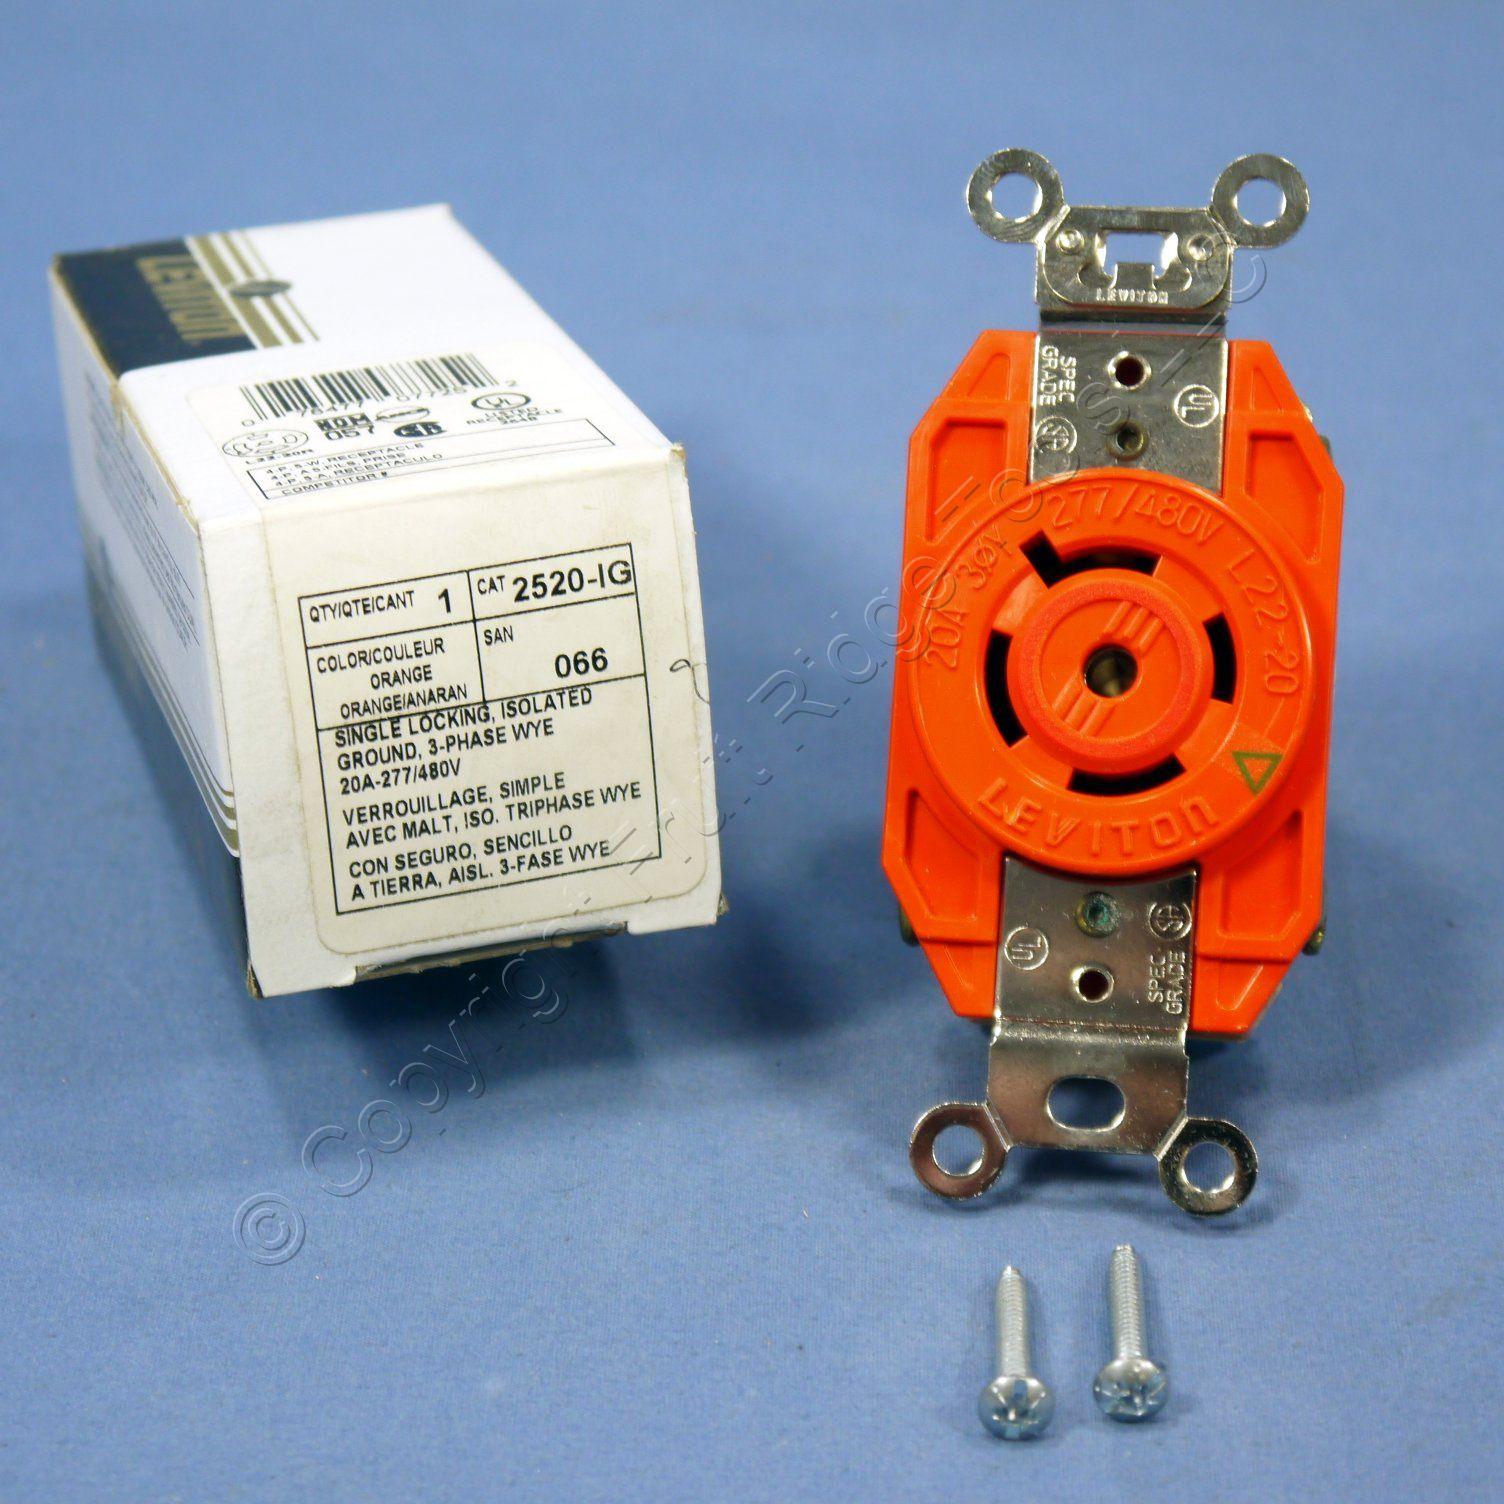 leviton l22-20r locking receptacle v0 outlet 20a 277/480v 3�y 2520-ig-066  boxed